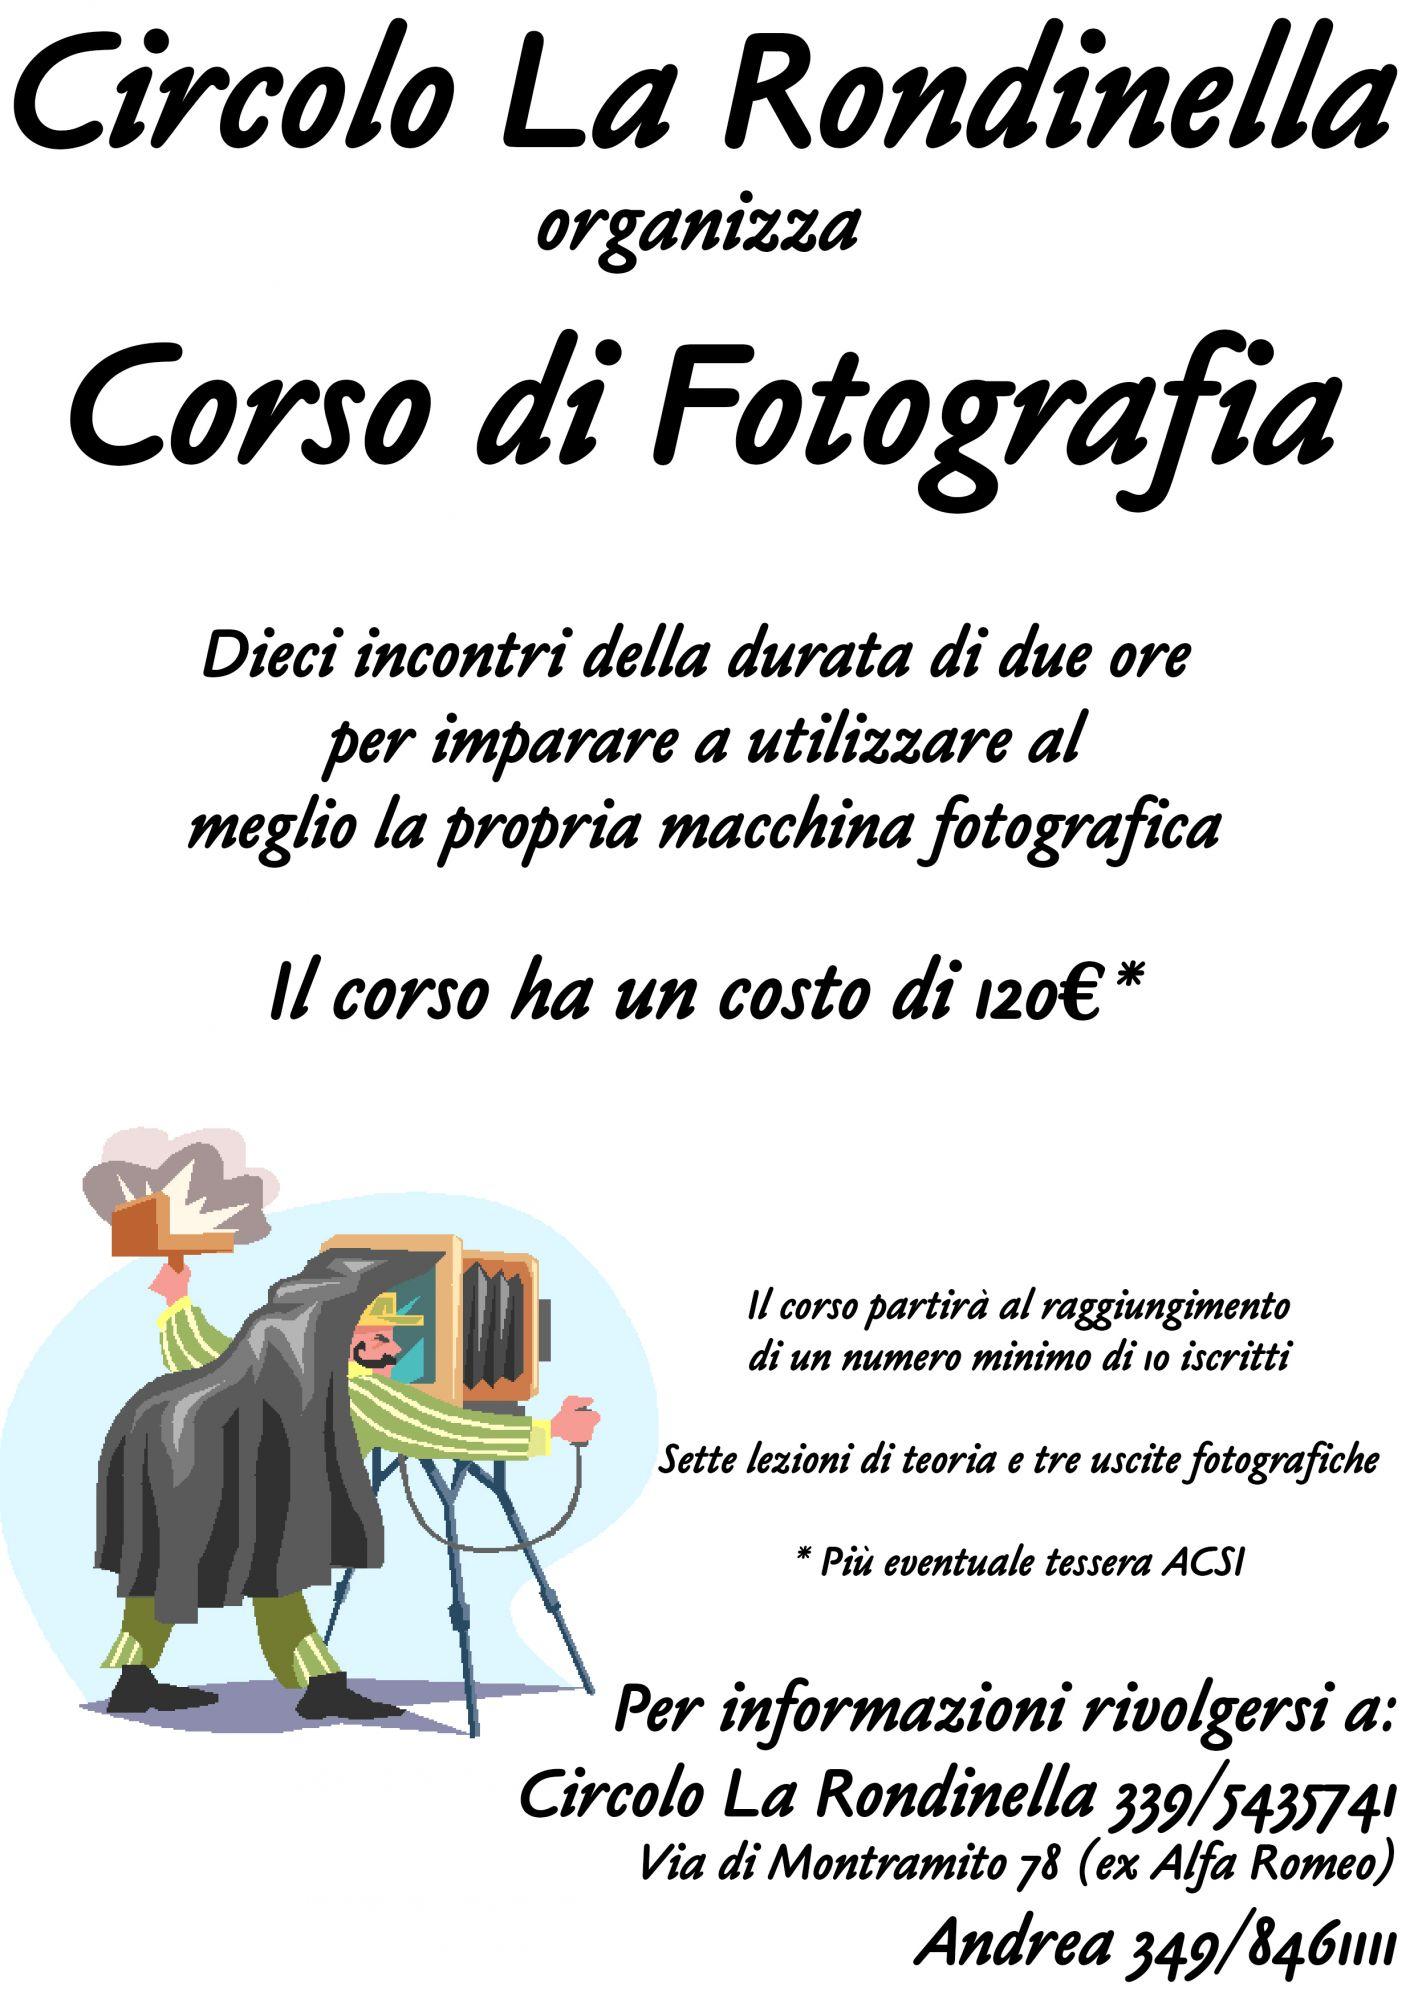 Corso di fotografia al Circolo Rondinella